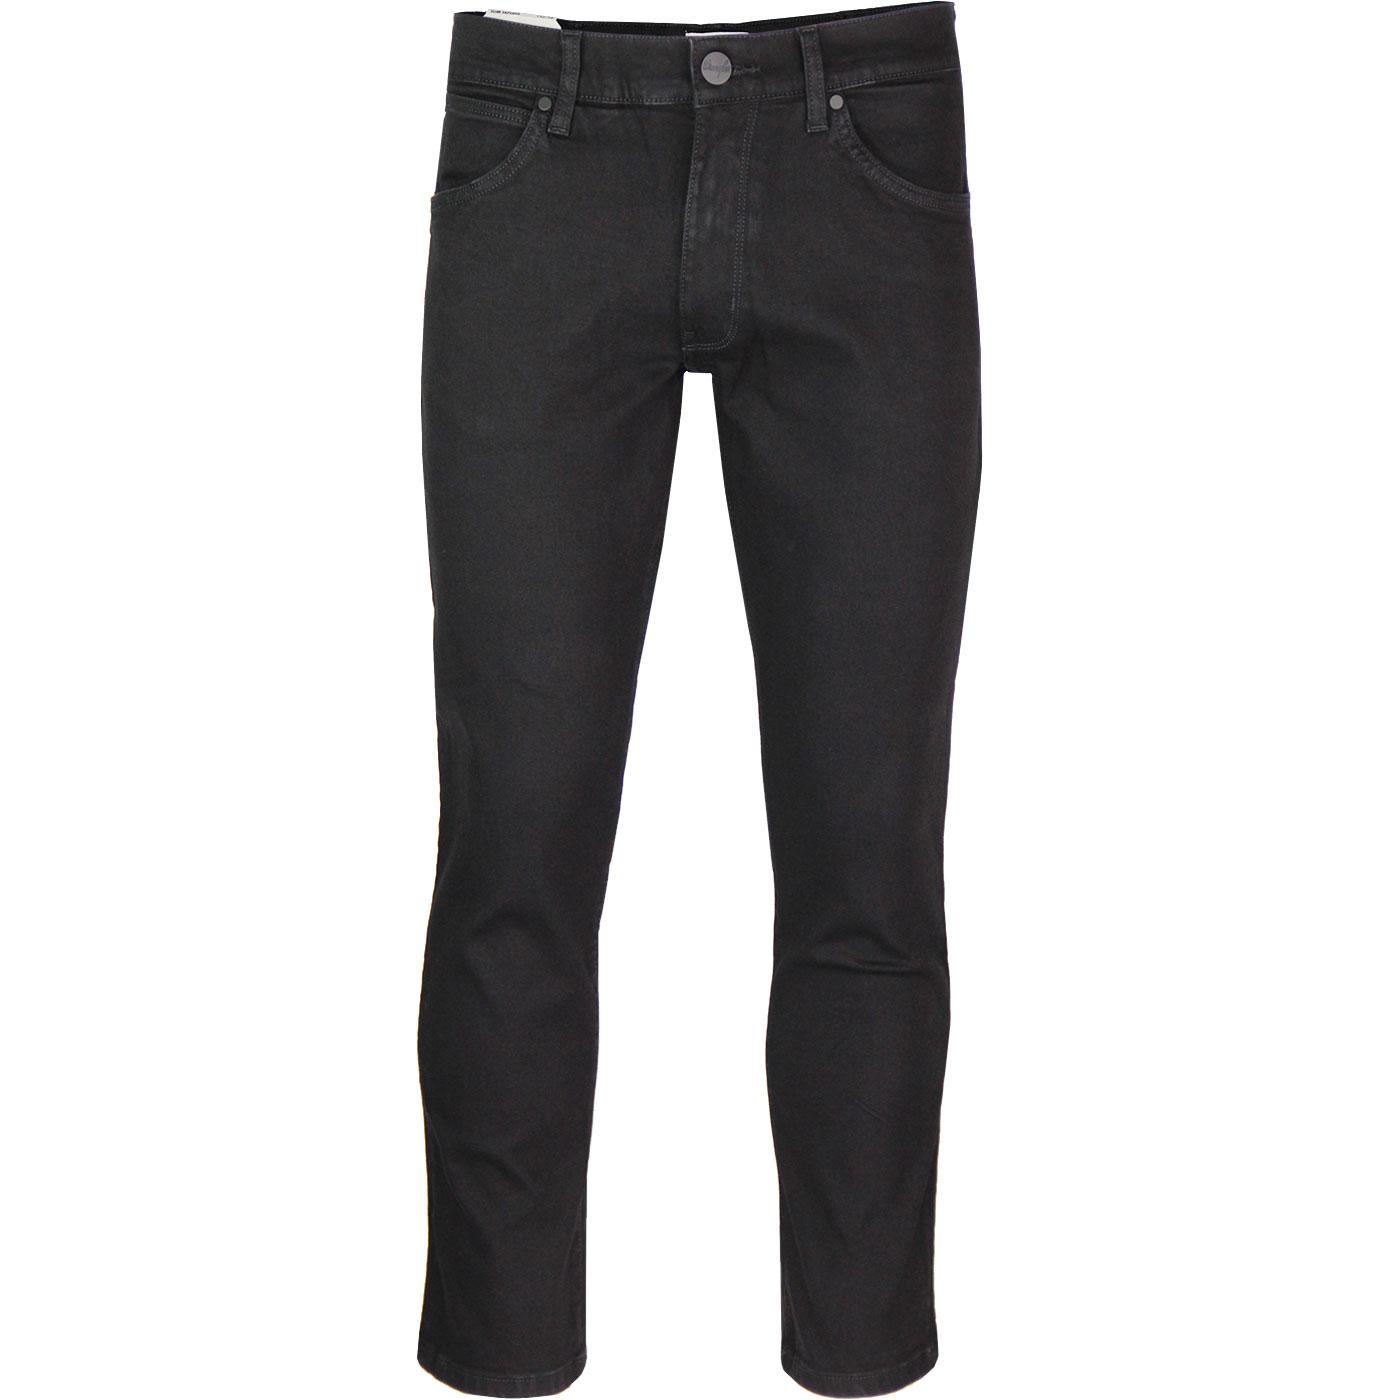 Larston WRANGLER Slim Tapered Denim Jeans (BL)